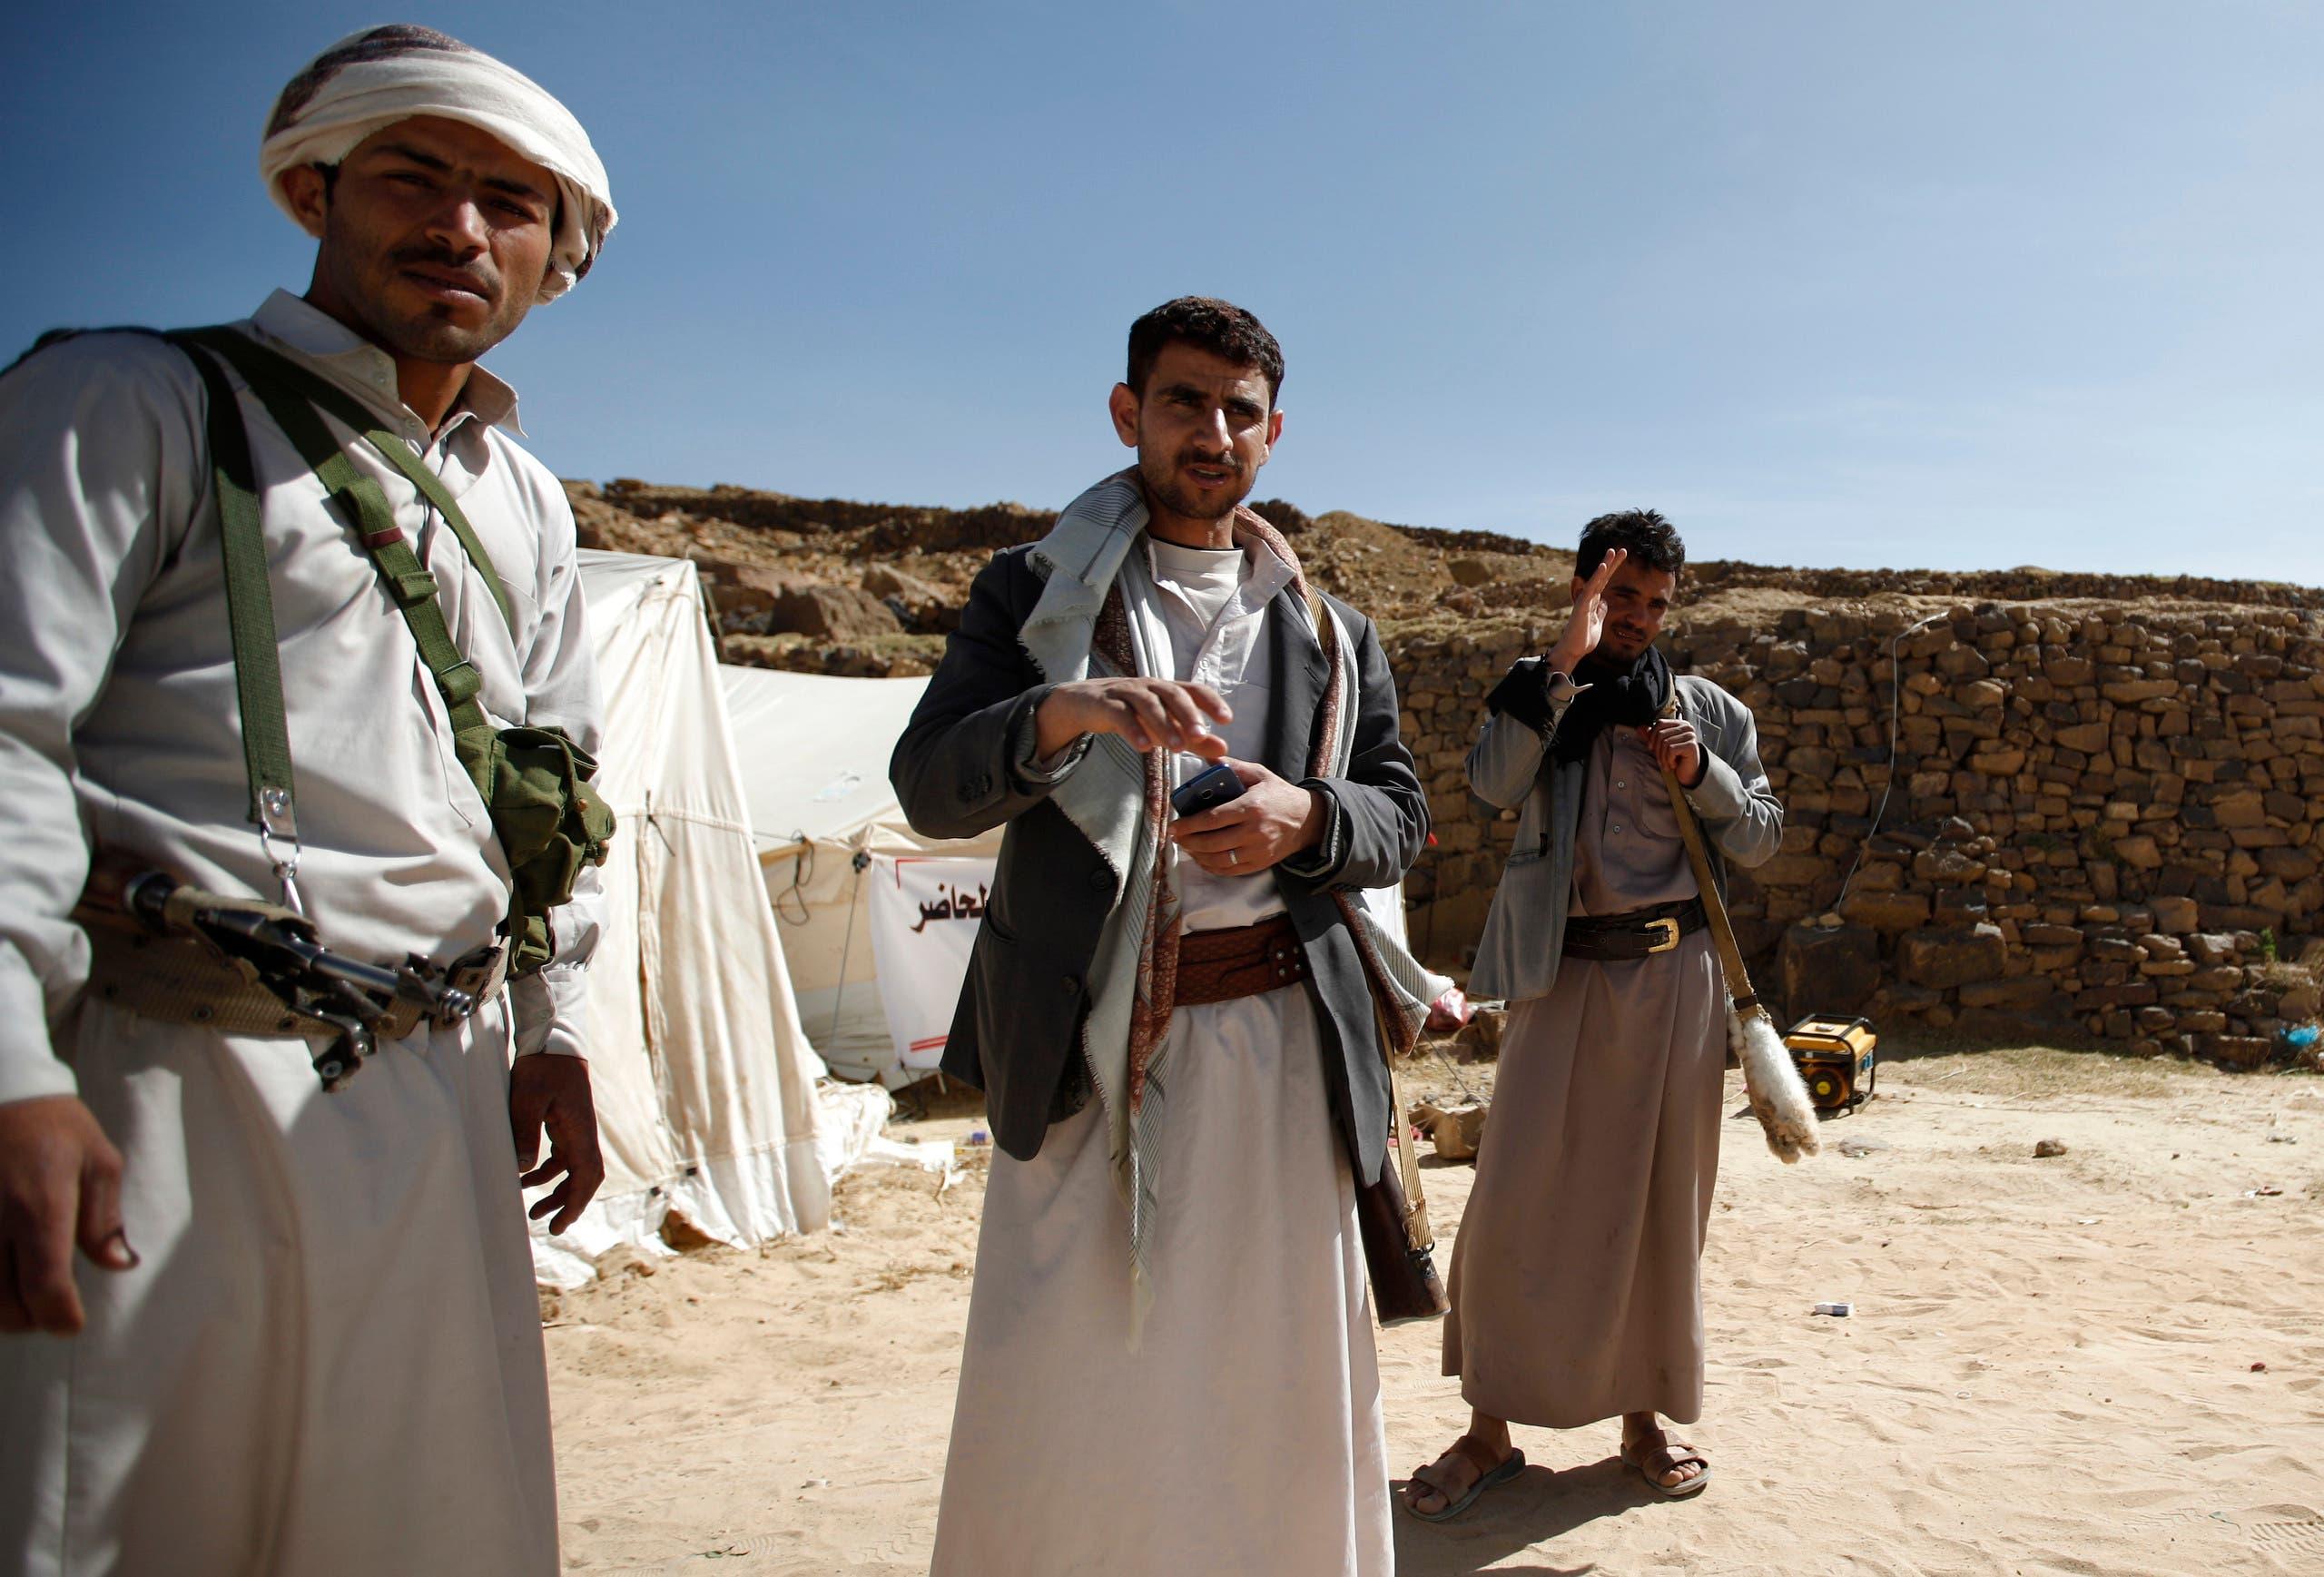 مقاتلون حوثيون في عمران (أرشيفية)